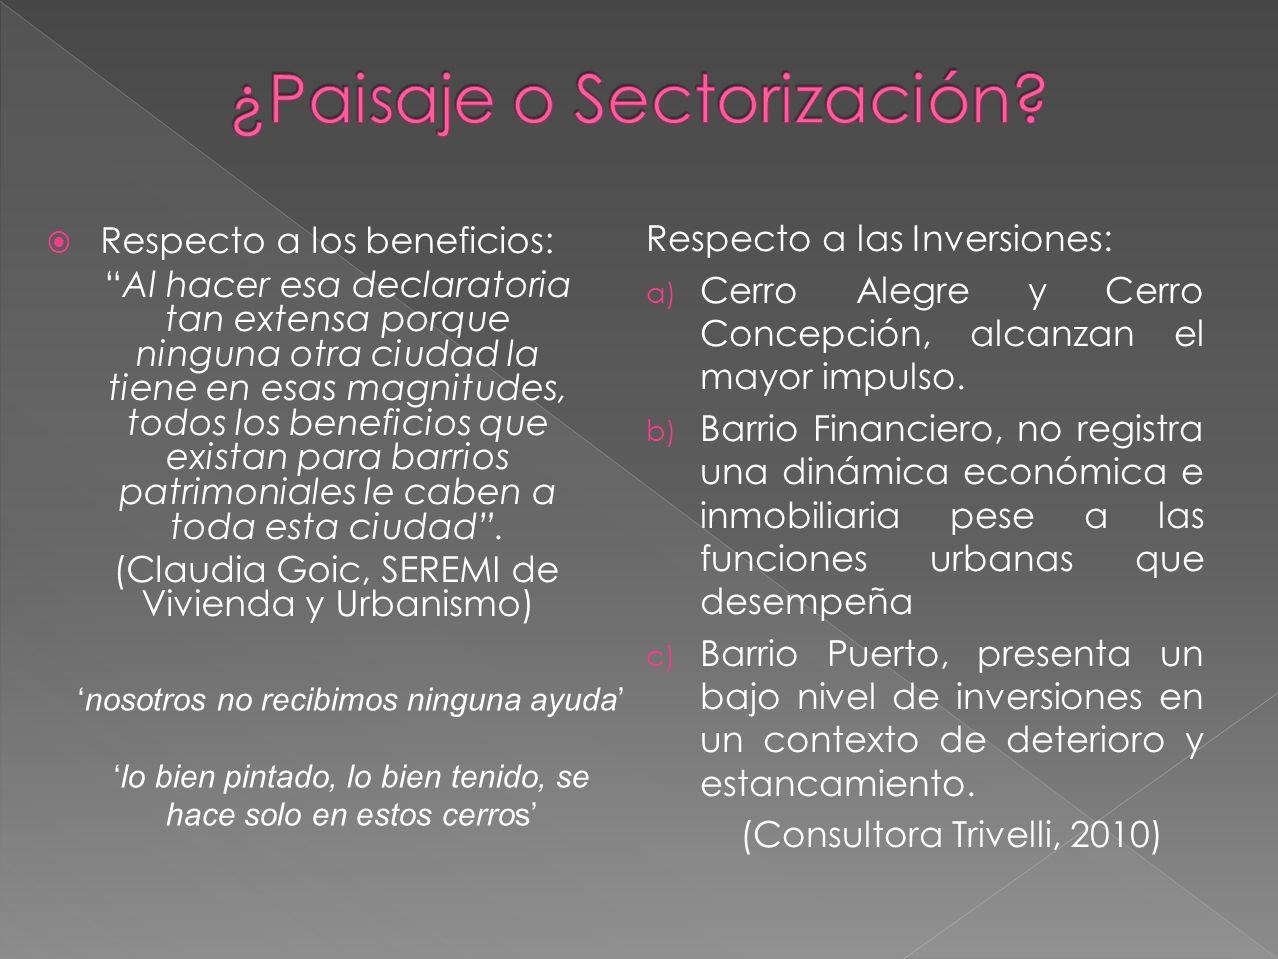 ¿Paisaje o Sectorización